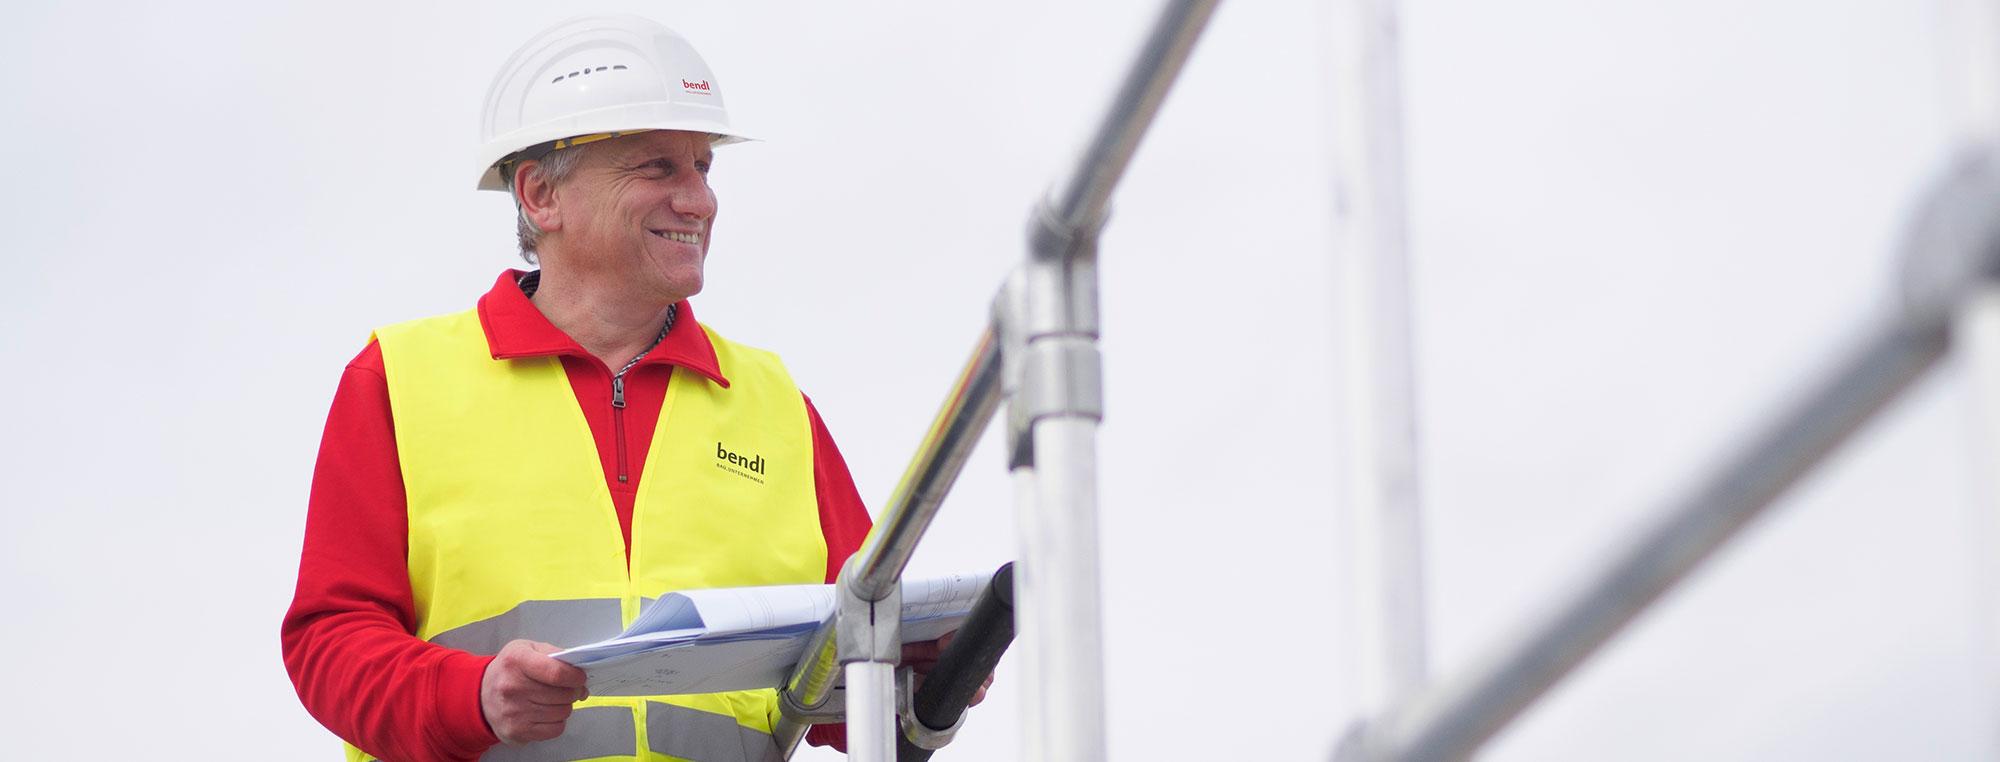 Karriere Berufserfahrener Bauunternehmen bendl